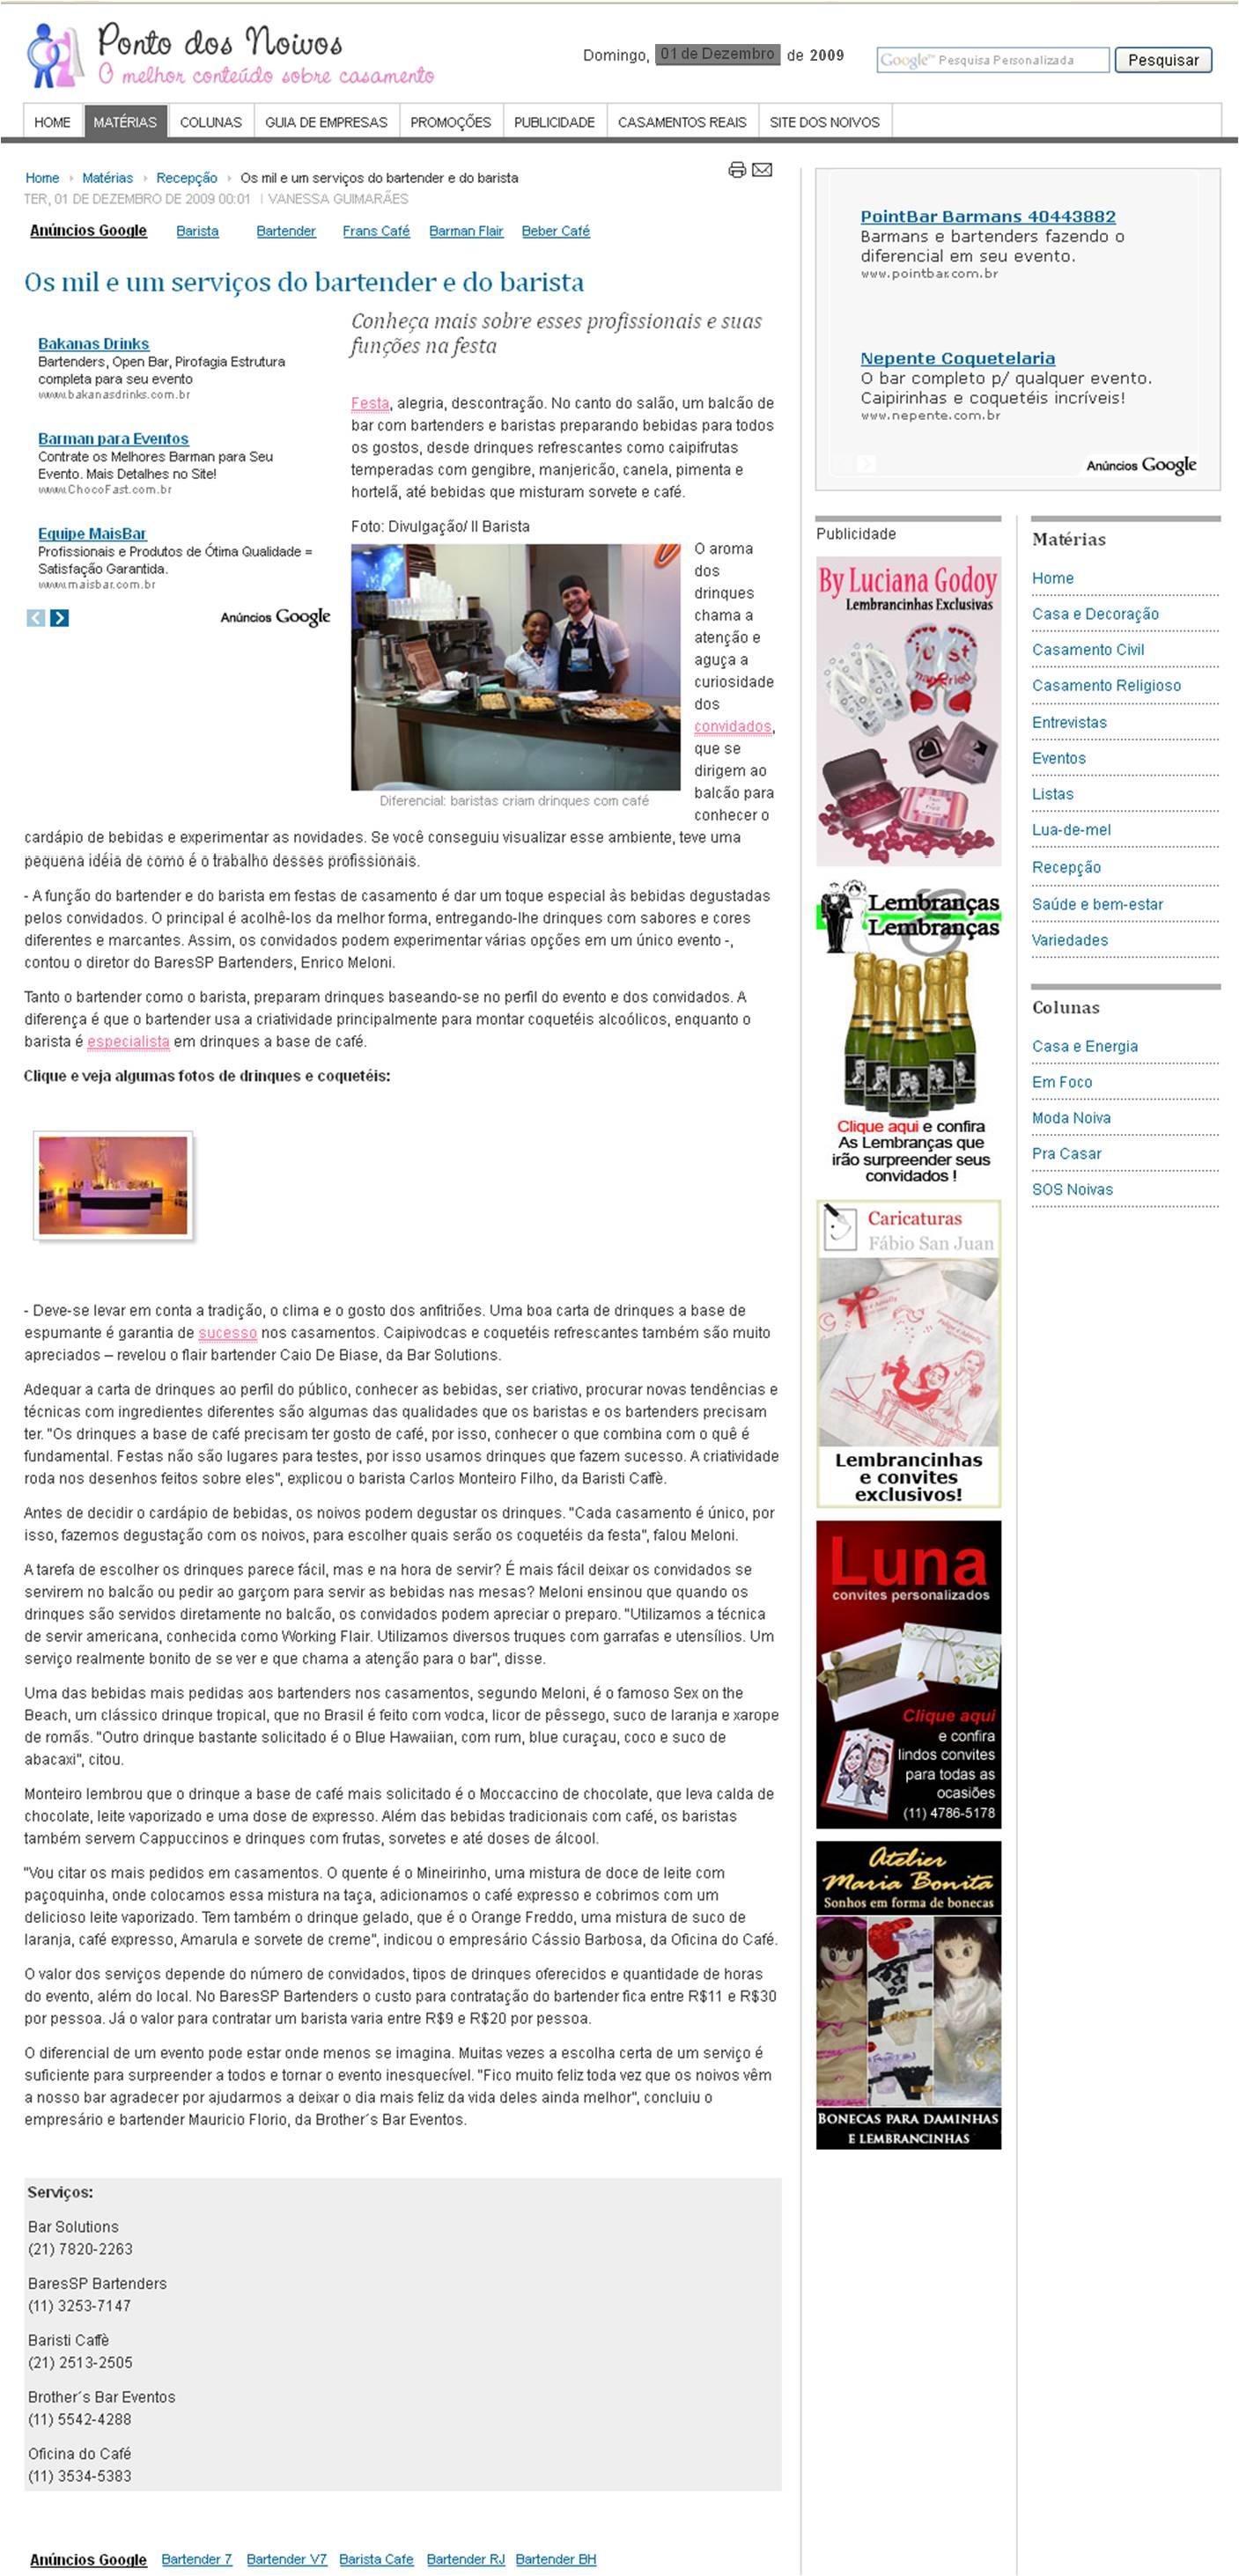 Matéria sobre bartenders e baristas no site Ponto dos Noivos